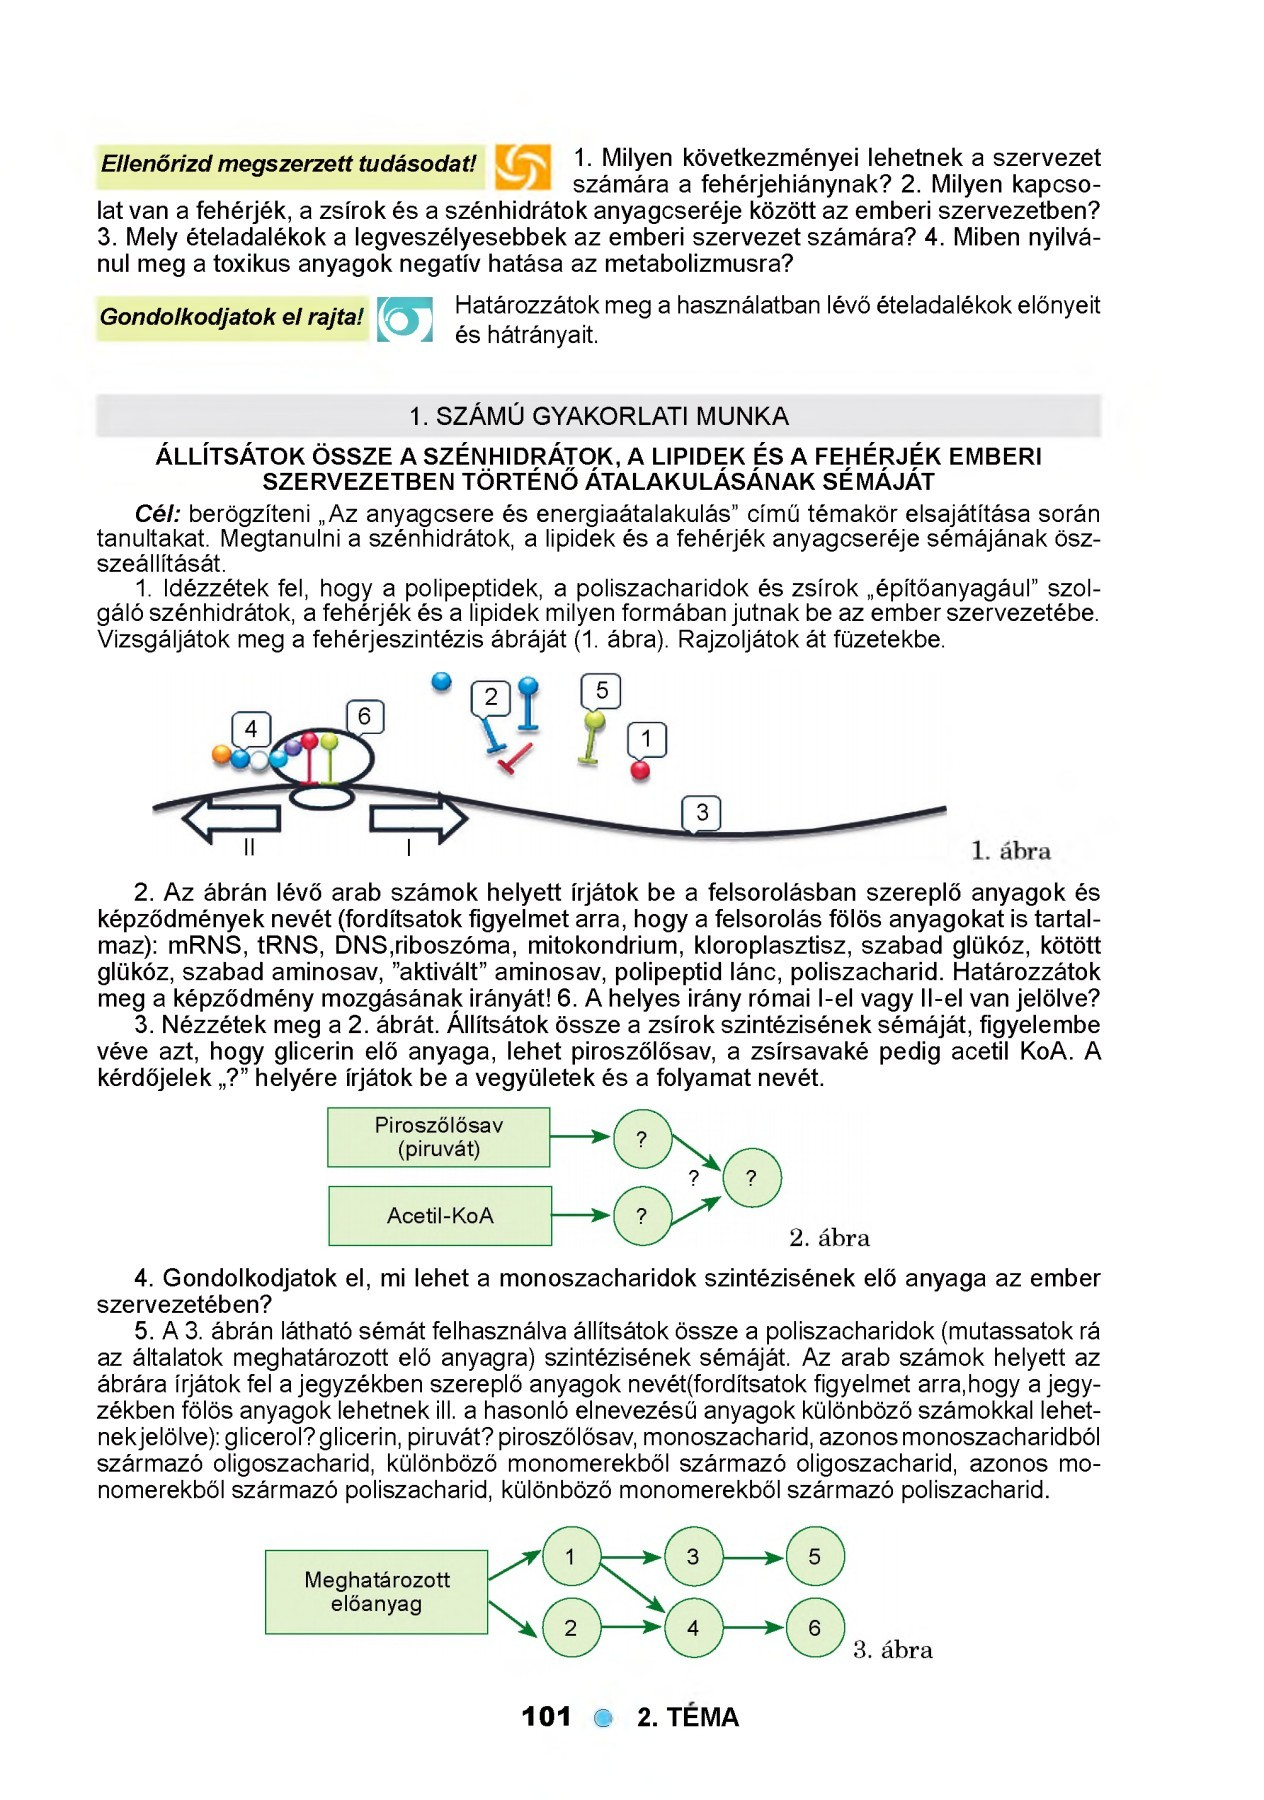 férgek méretű emberi kromoszómák)